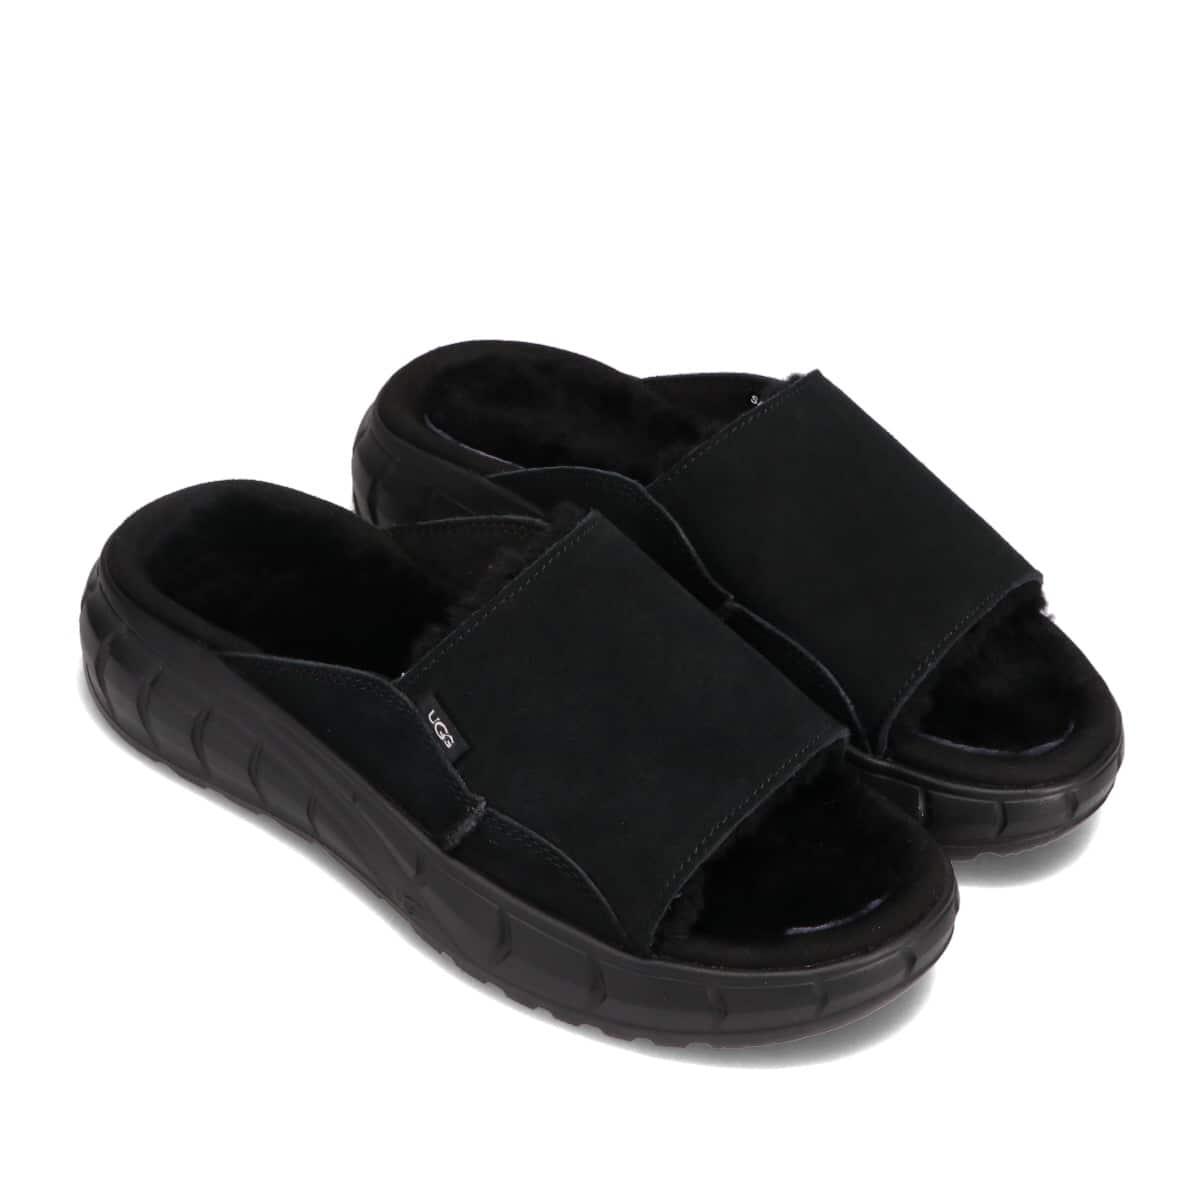 UGG Westsider Slide BLACK SUEDE 21SS-I_photo_large